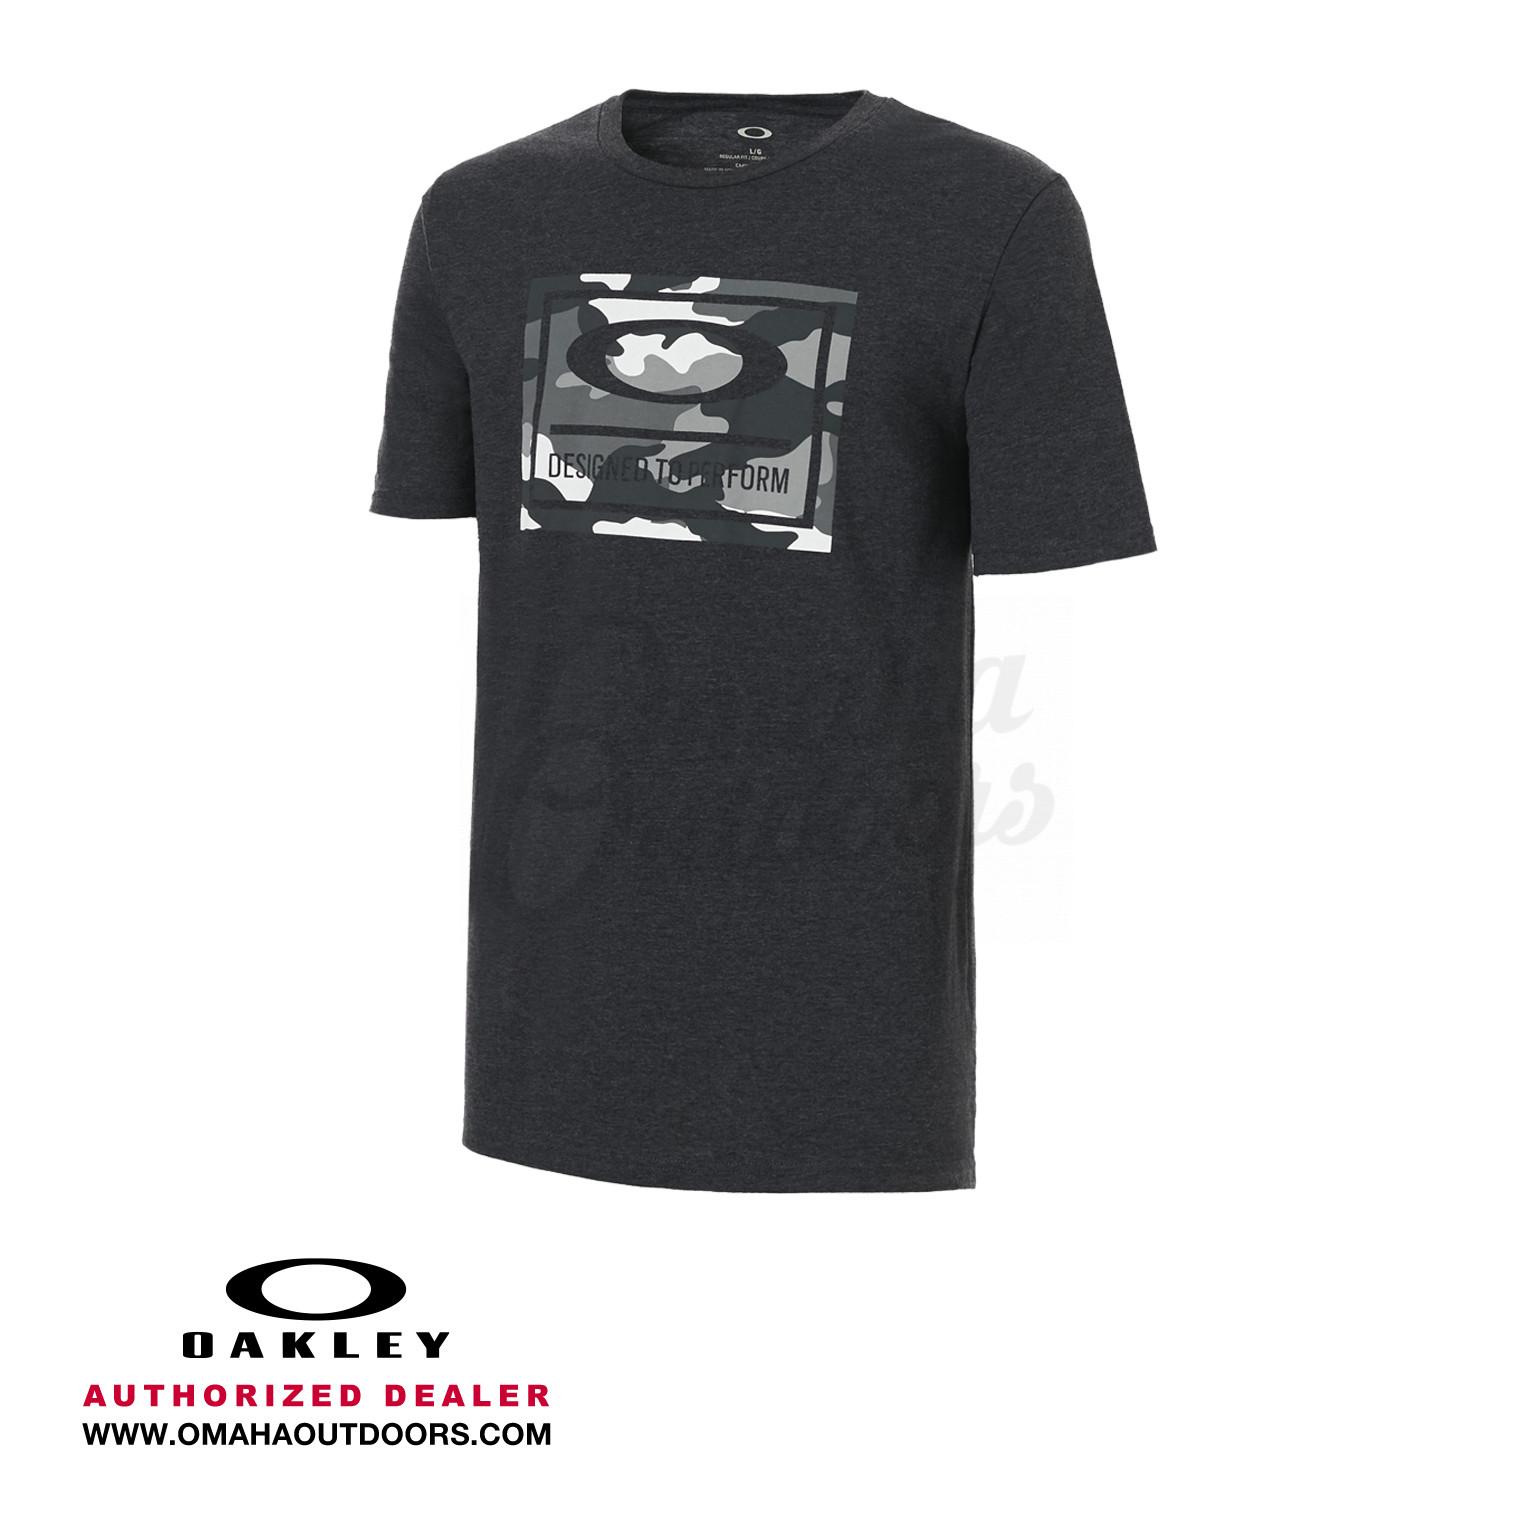 25938218bc Oakley 50 DTP Camo Box Men s T-Shirt Cotton Polyester 456862A